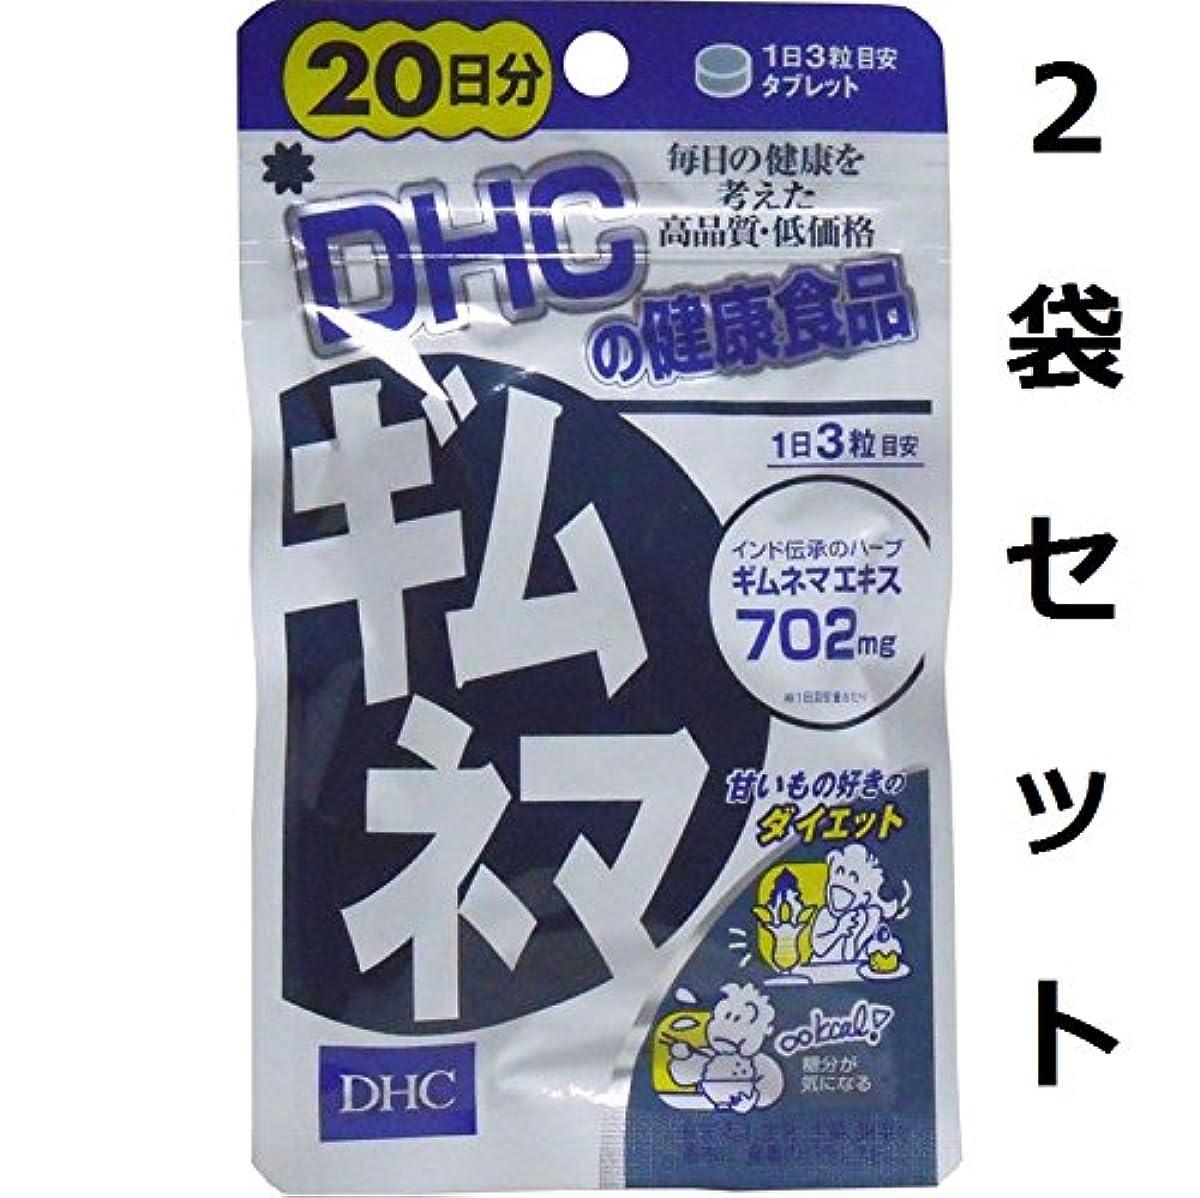 悪性の反論者ワードローブ我慢せずに余分な糖分をブロック DHC ギムネマ 20日分 60粒 2袋セット